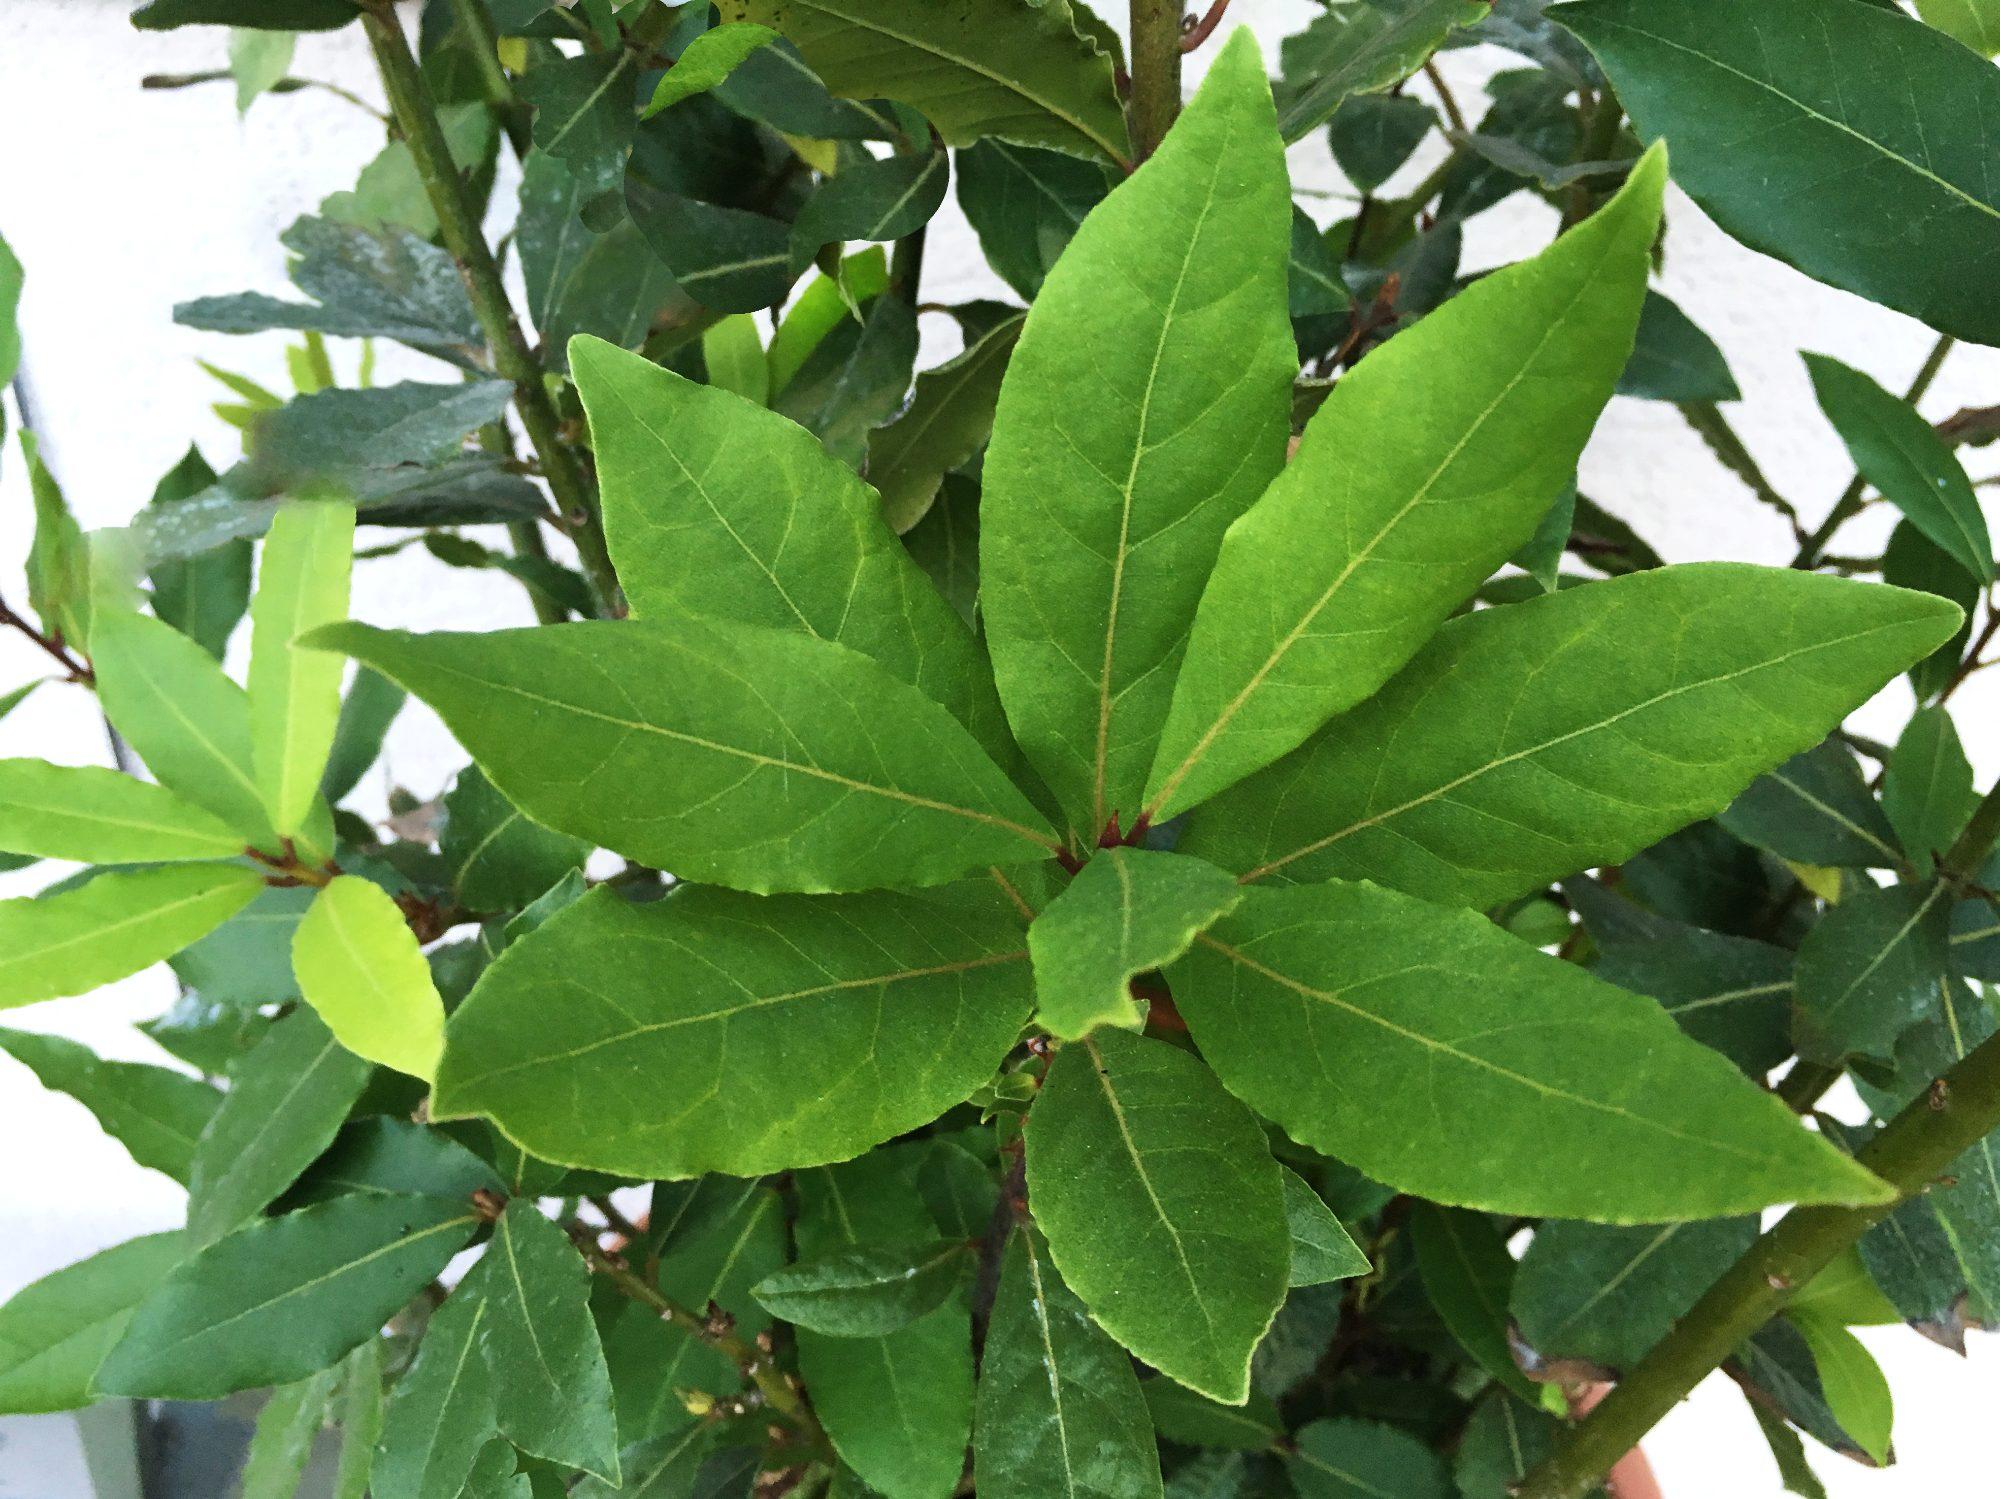 BOBKOVÝ LIST - Laurus nobilis - vavrínový list